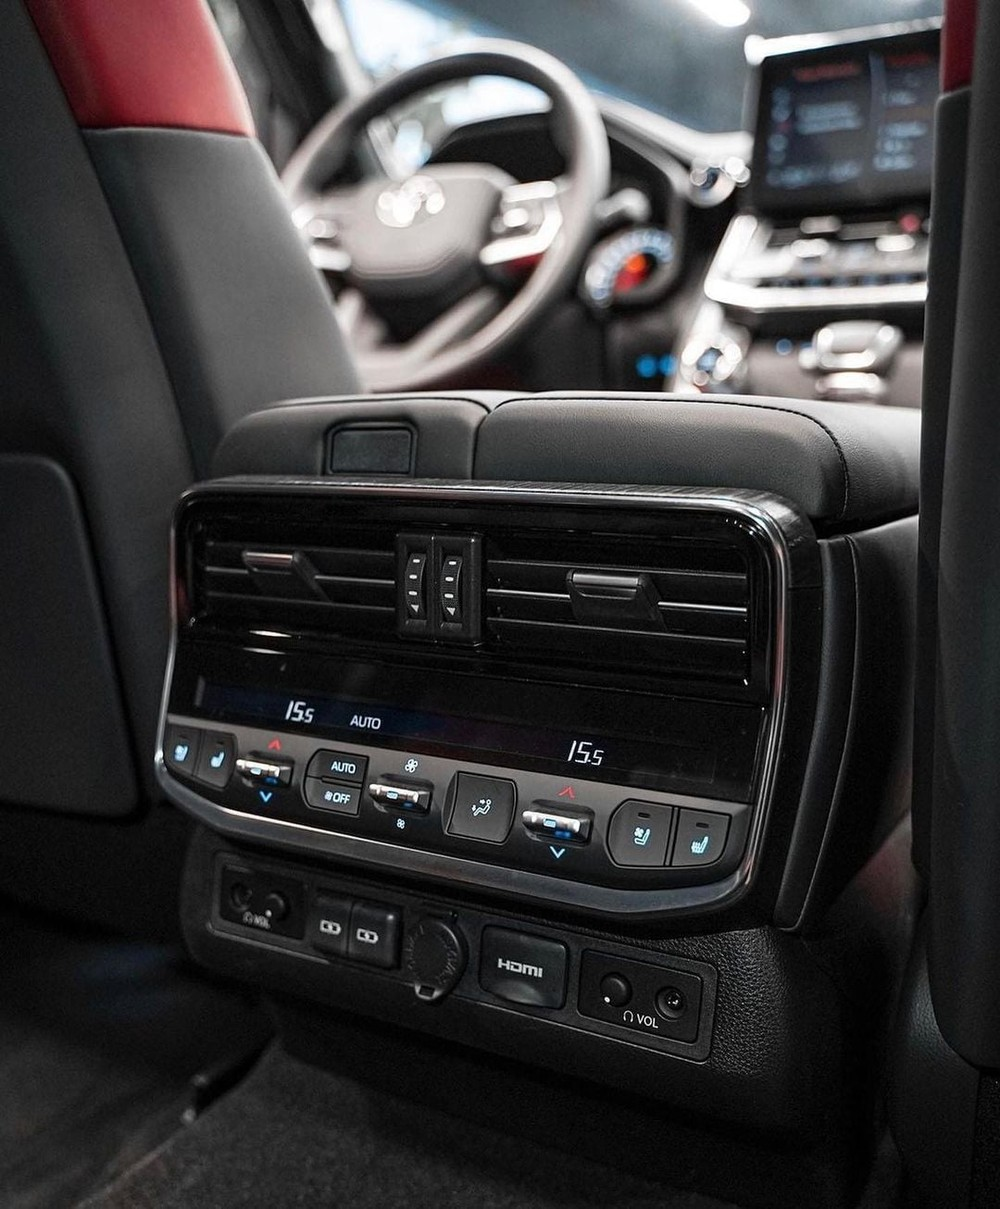 Cửa gió điều hòa và bảng điều khiển dành cho hành khách phía sau của Toyota Land Cruiser GR Sport 2022